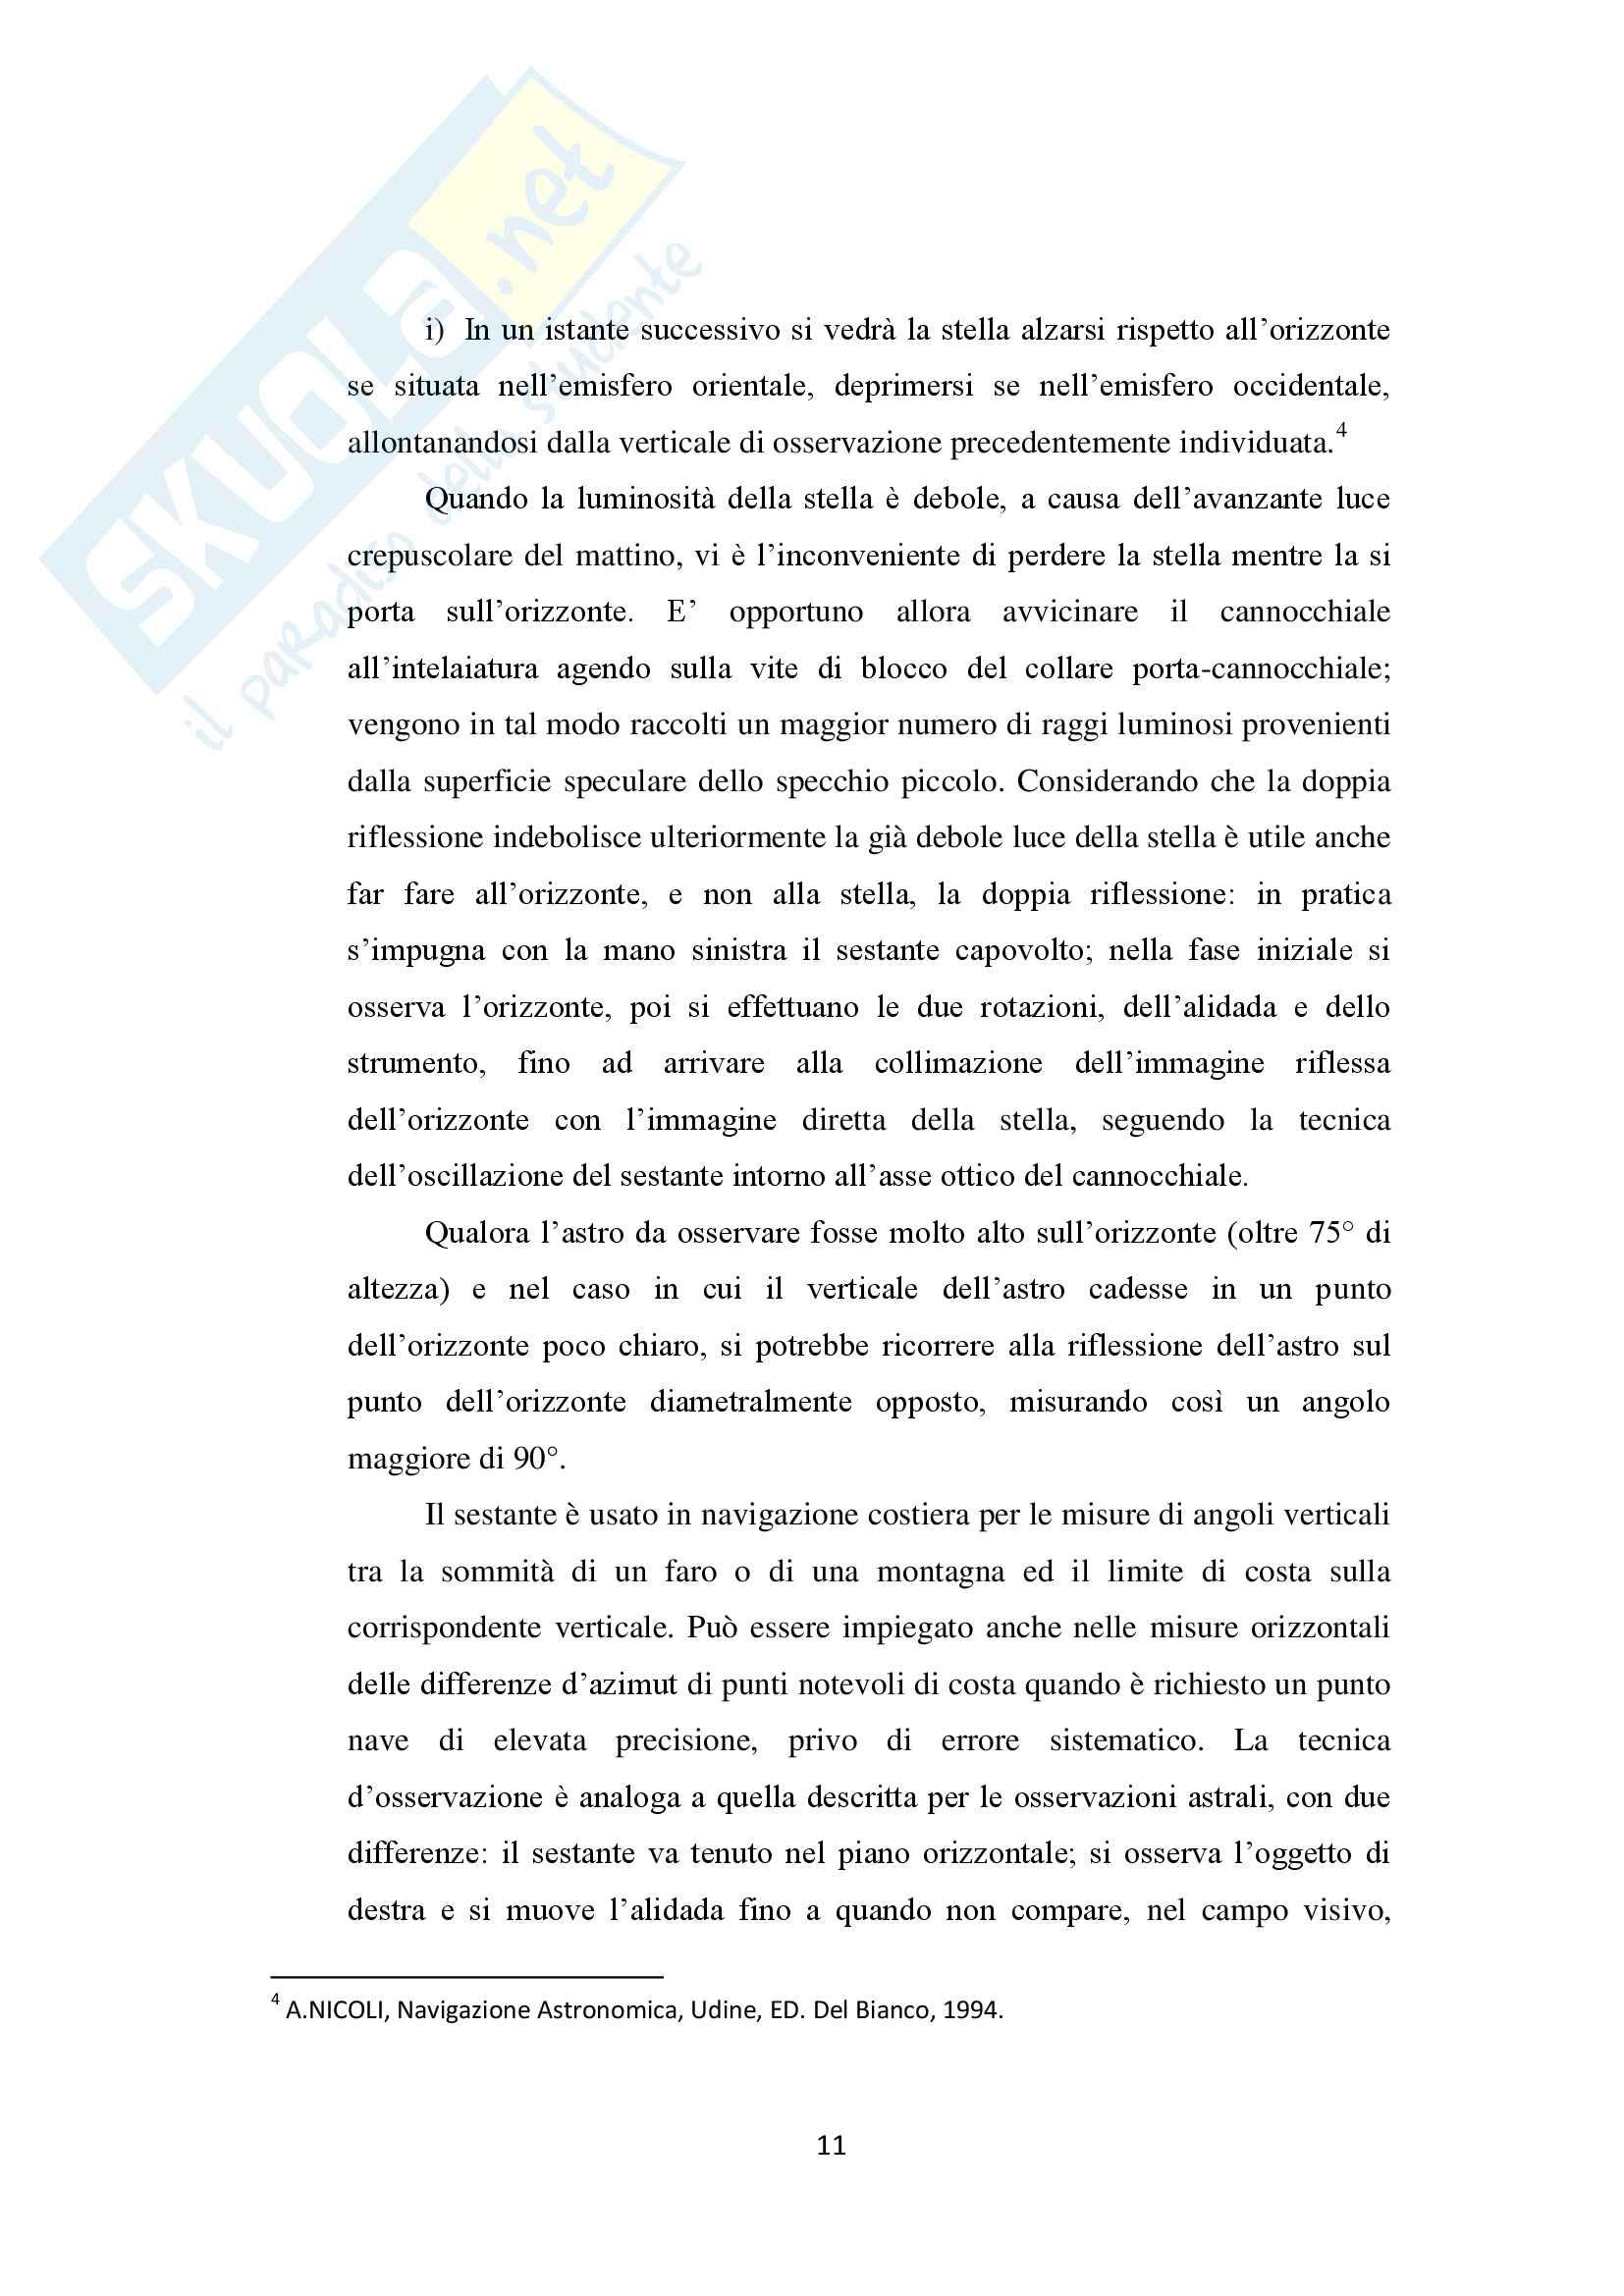 Strumenti della navigazione stimata nella storia delle scienze nautiche Pag. 11